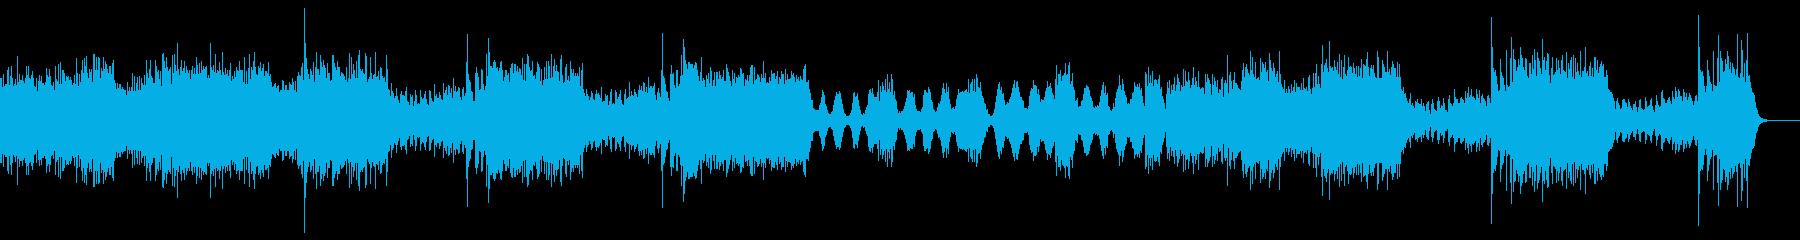 ブラームス作曲 ハンガリー舞曲の再生済みの波形